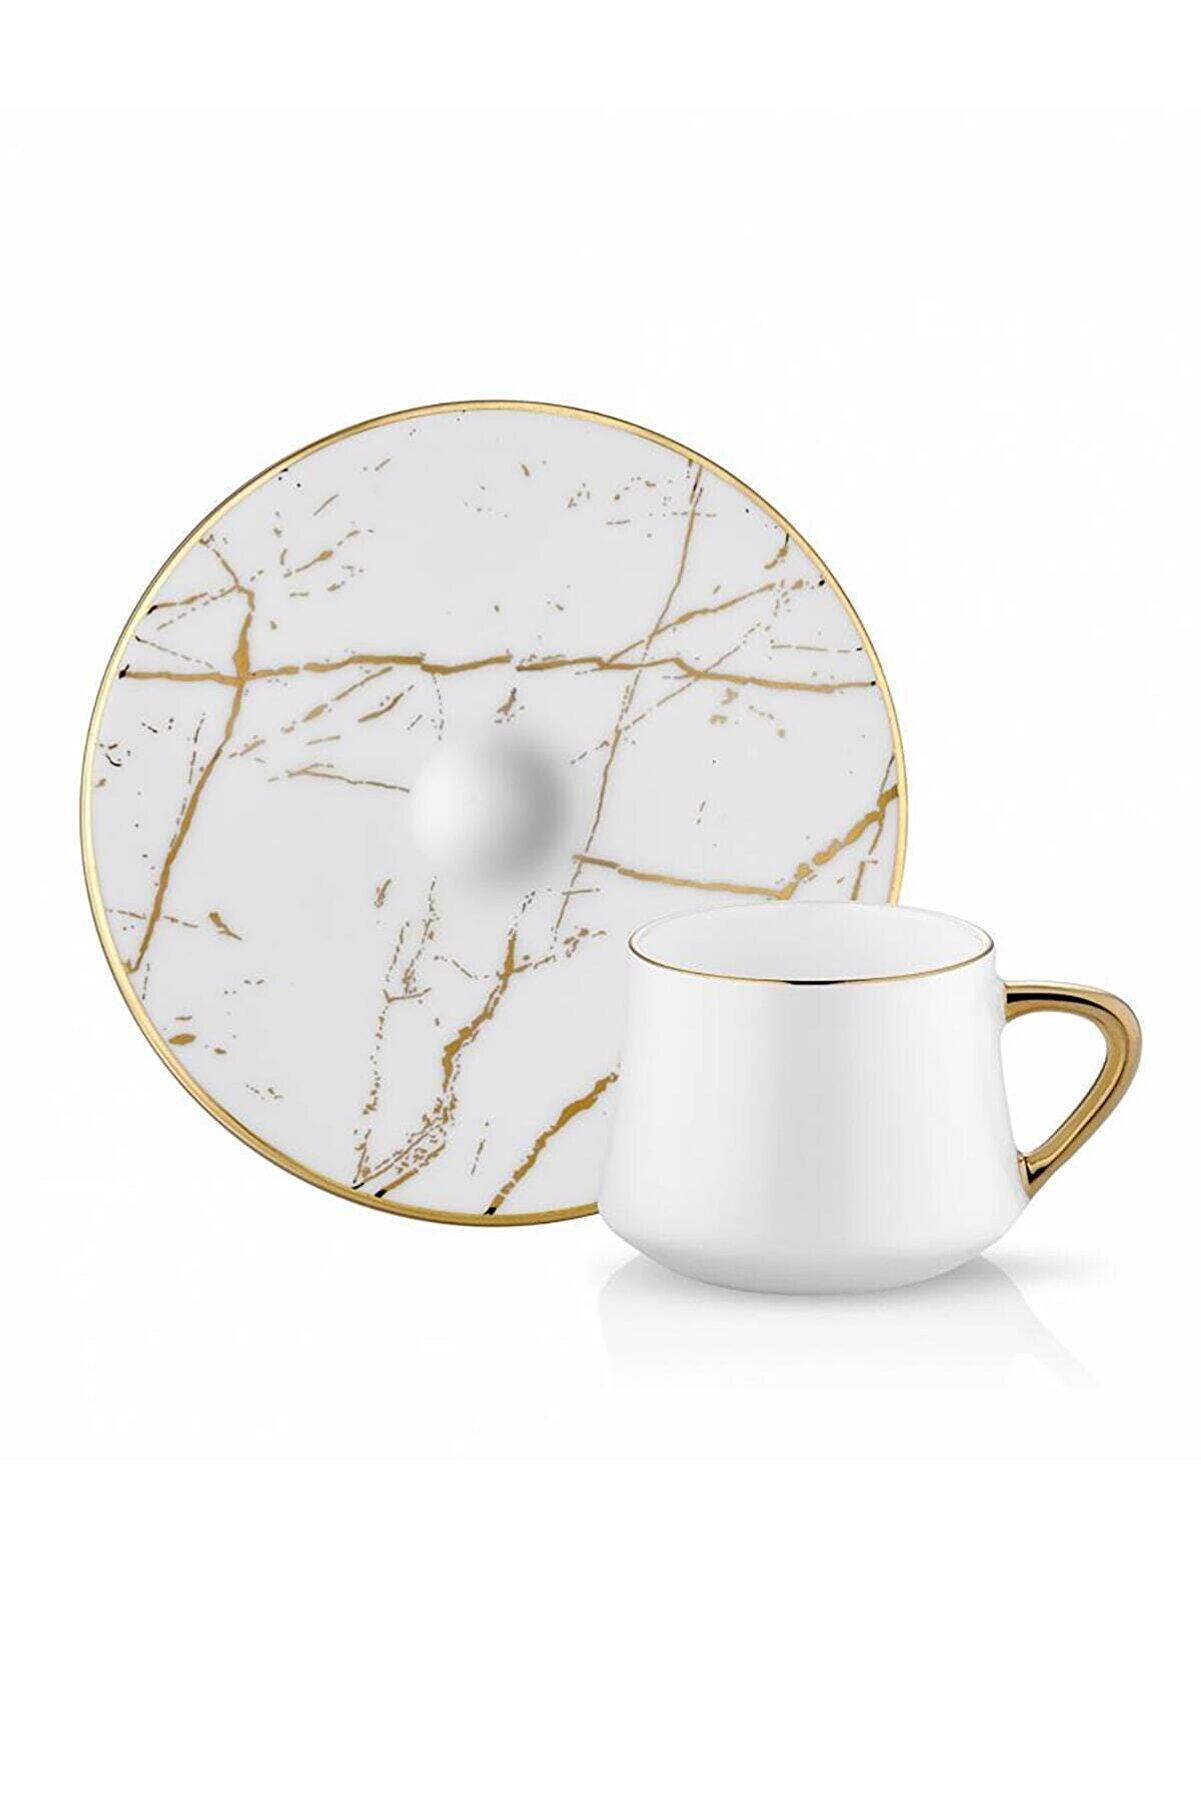 Koleksiyon Ev ve Mobilya Koleksiyon Sufi Türk Kahve Seti 6lı Mermer Beyaz Altın